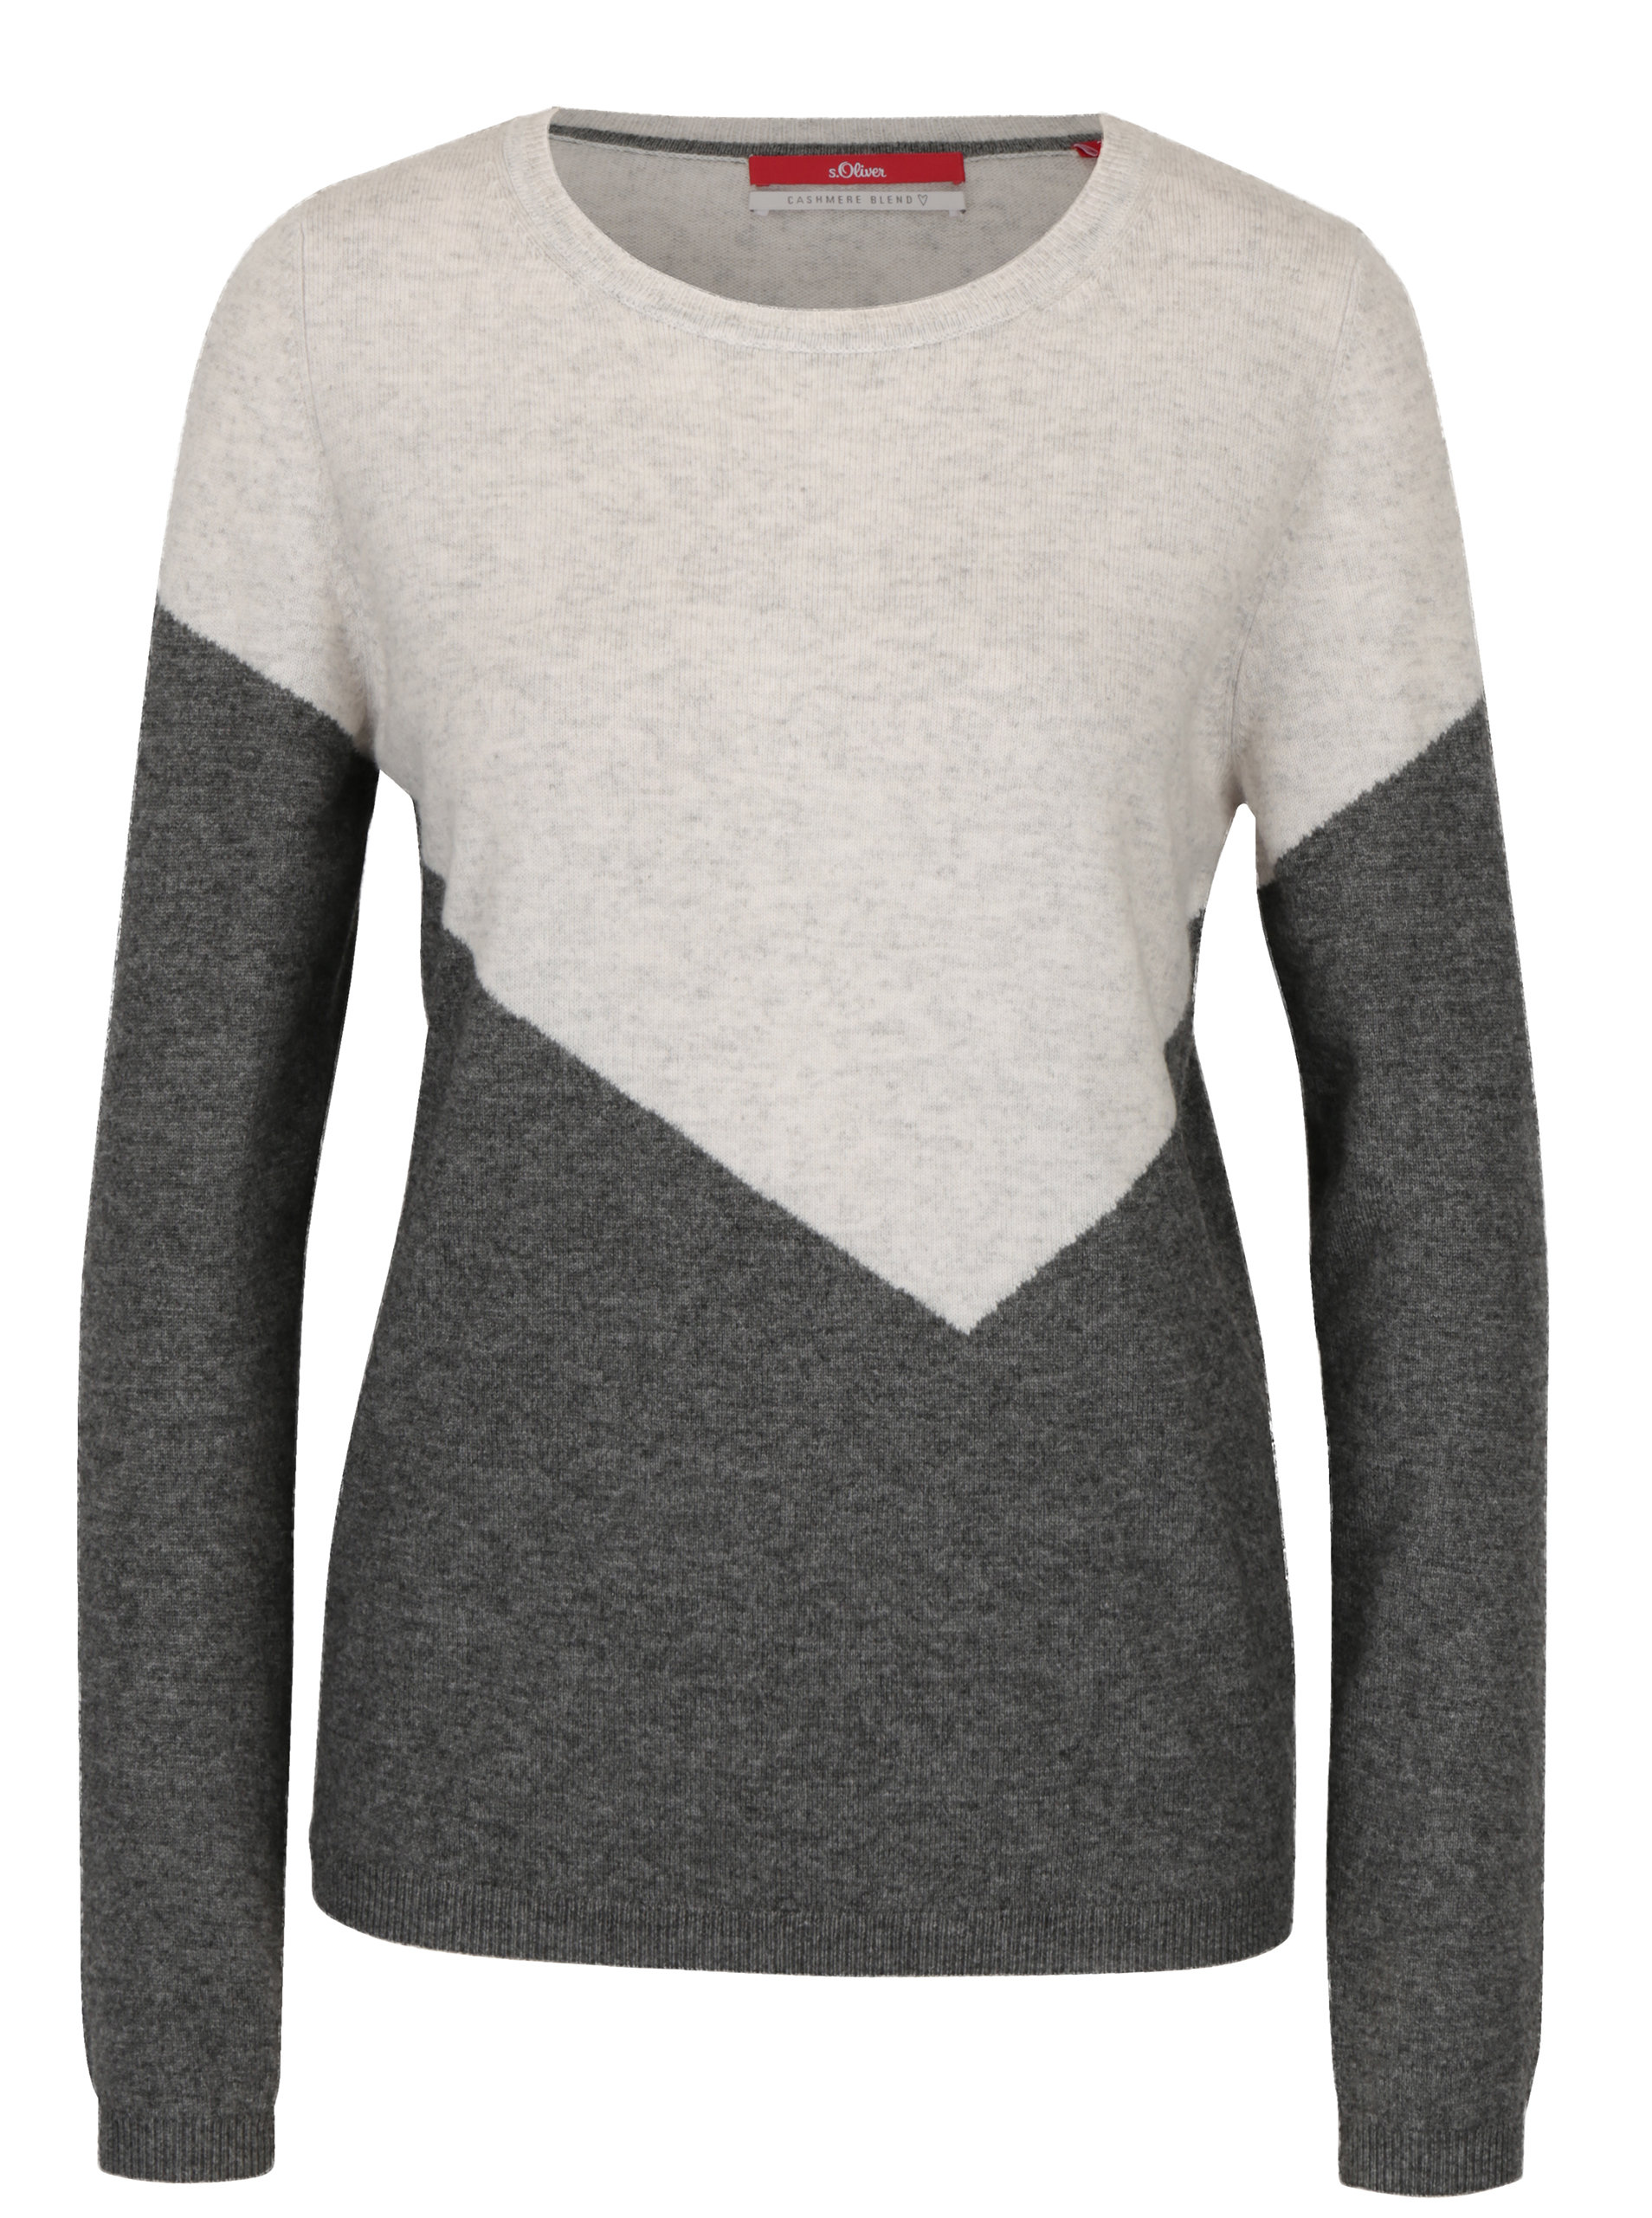 863267a52178 Krémovo-sivý dámsky vlnený sveter s prímesou kašmíru s.Oliver